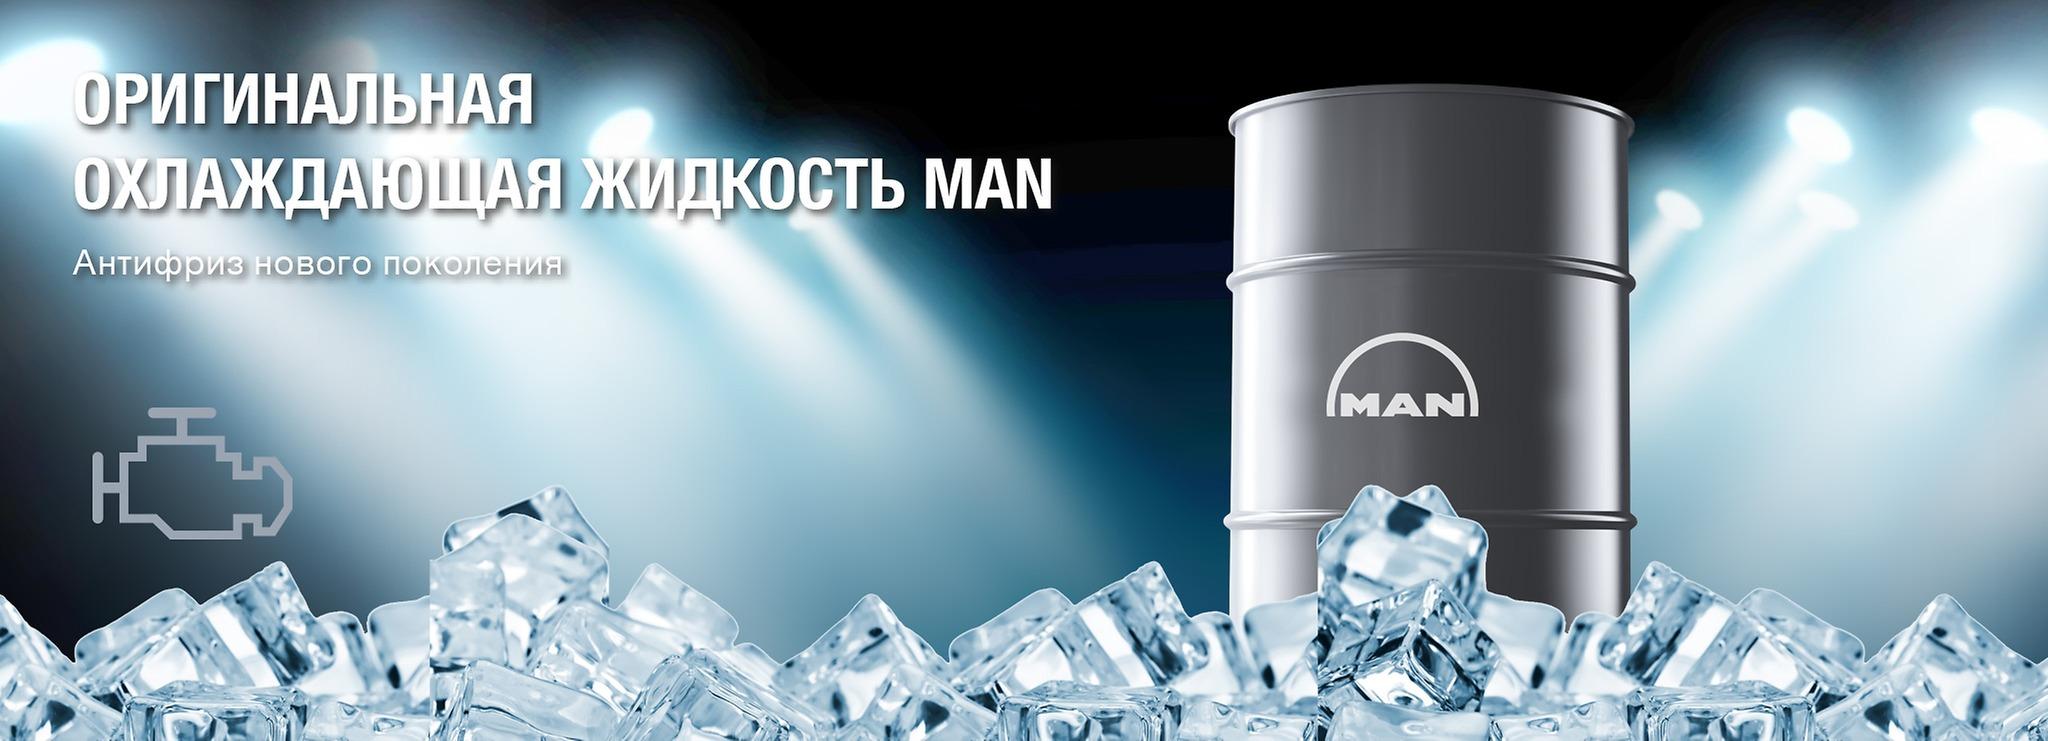 Оригинальная охлаждающая жидкость MAN